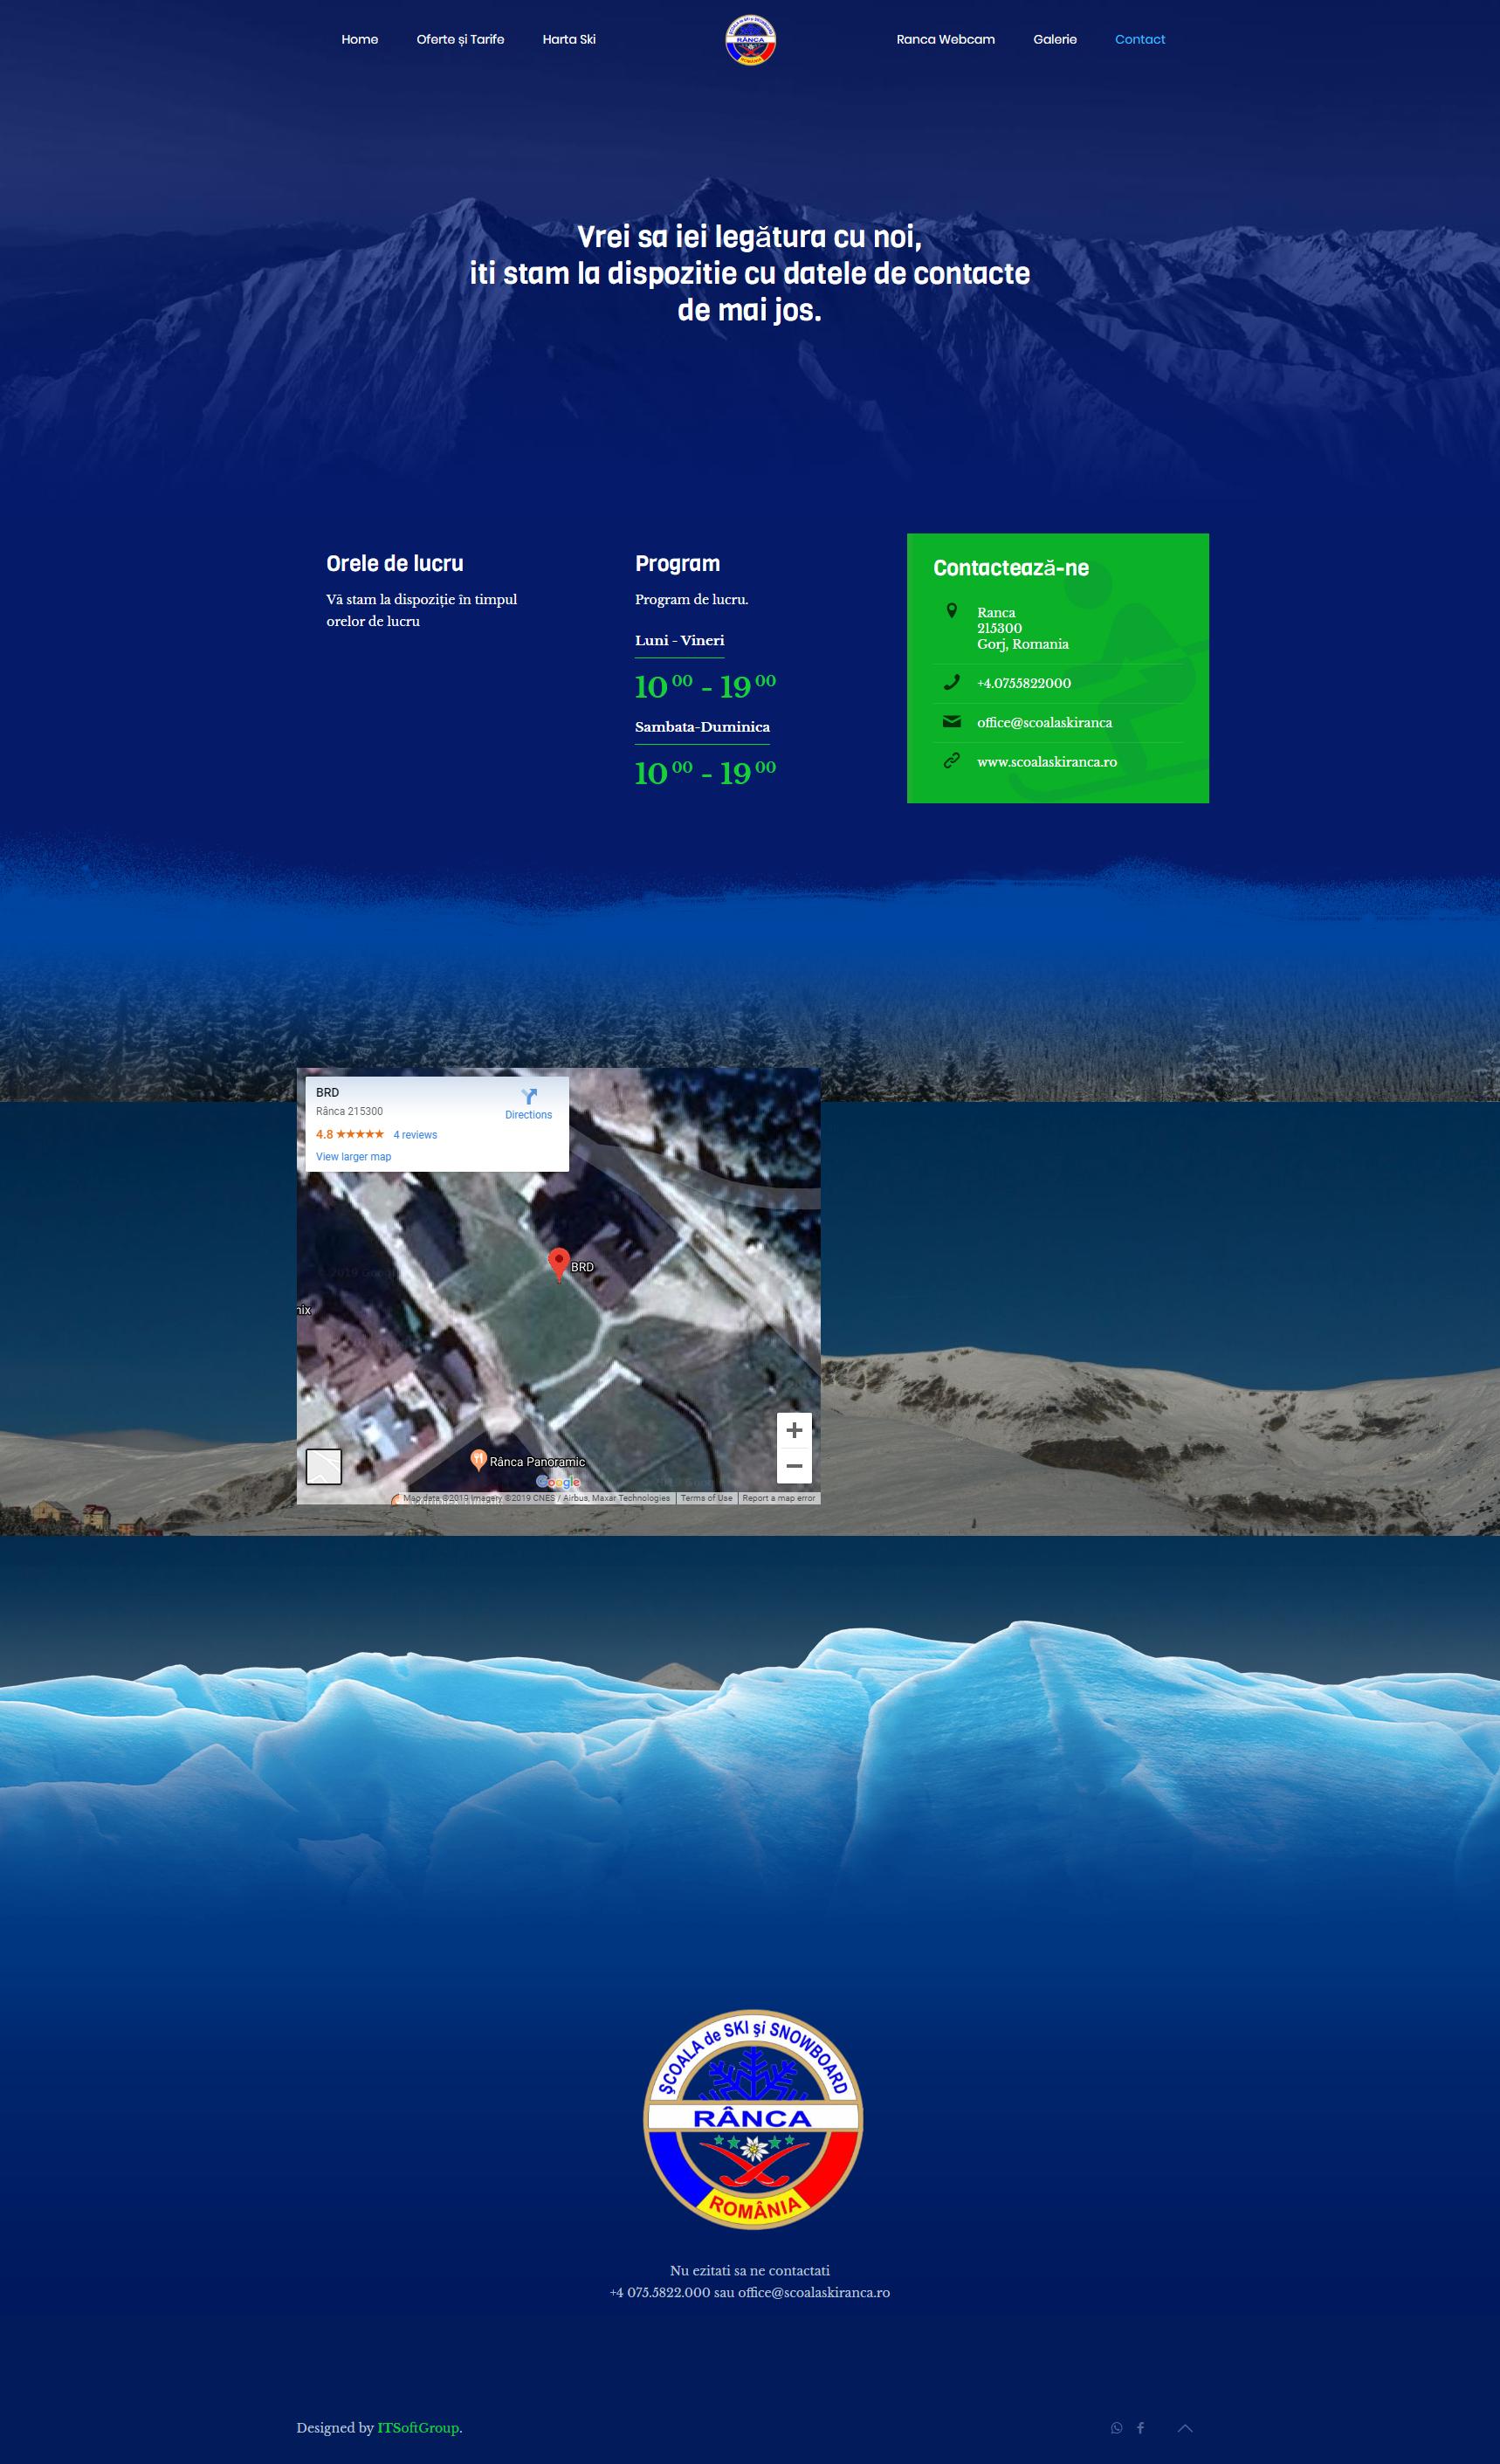 screencapture-scoalaskiranca-ro-contact-2019-10-01-09_21_31